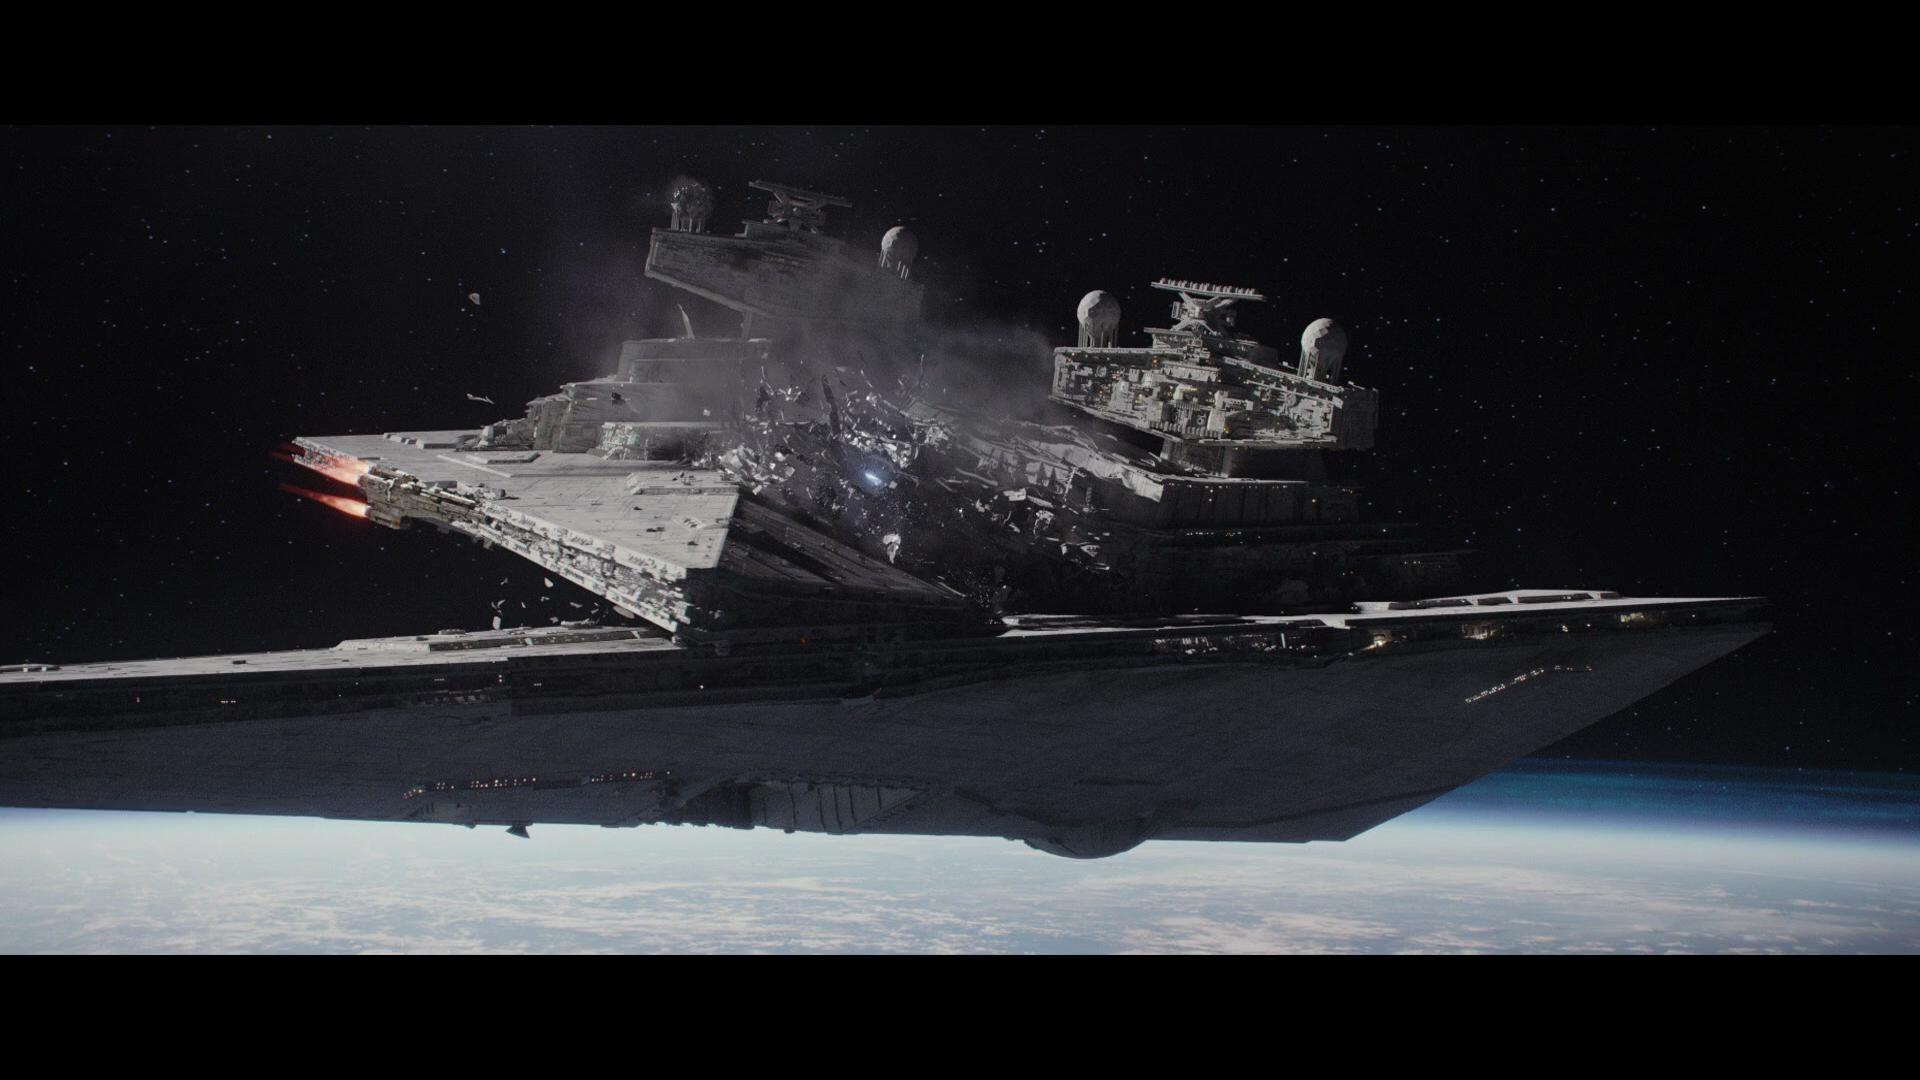 Super Star Destroyer Wallpaper (71+ images)